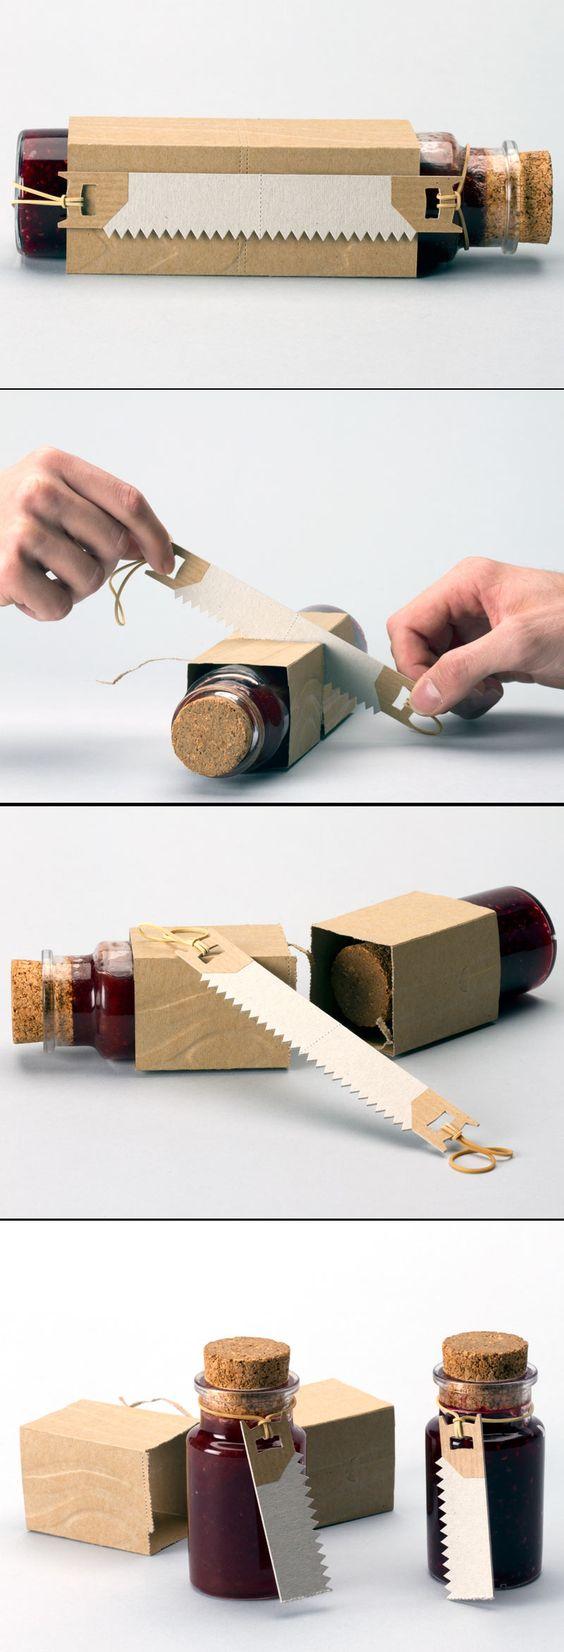 Hoe kan je een verpakking tot een verbazing maken :o)  Plus de découvertes sur Le Blog des Tendances.fr #tendance #packaging #blogueur